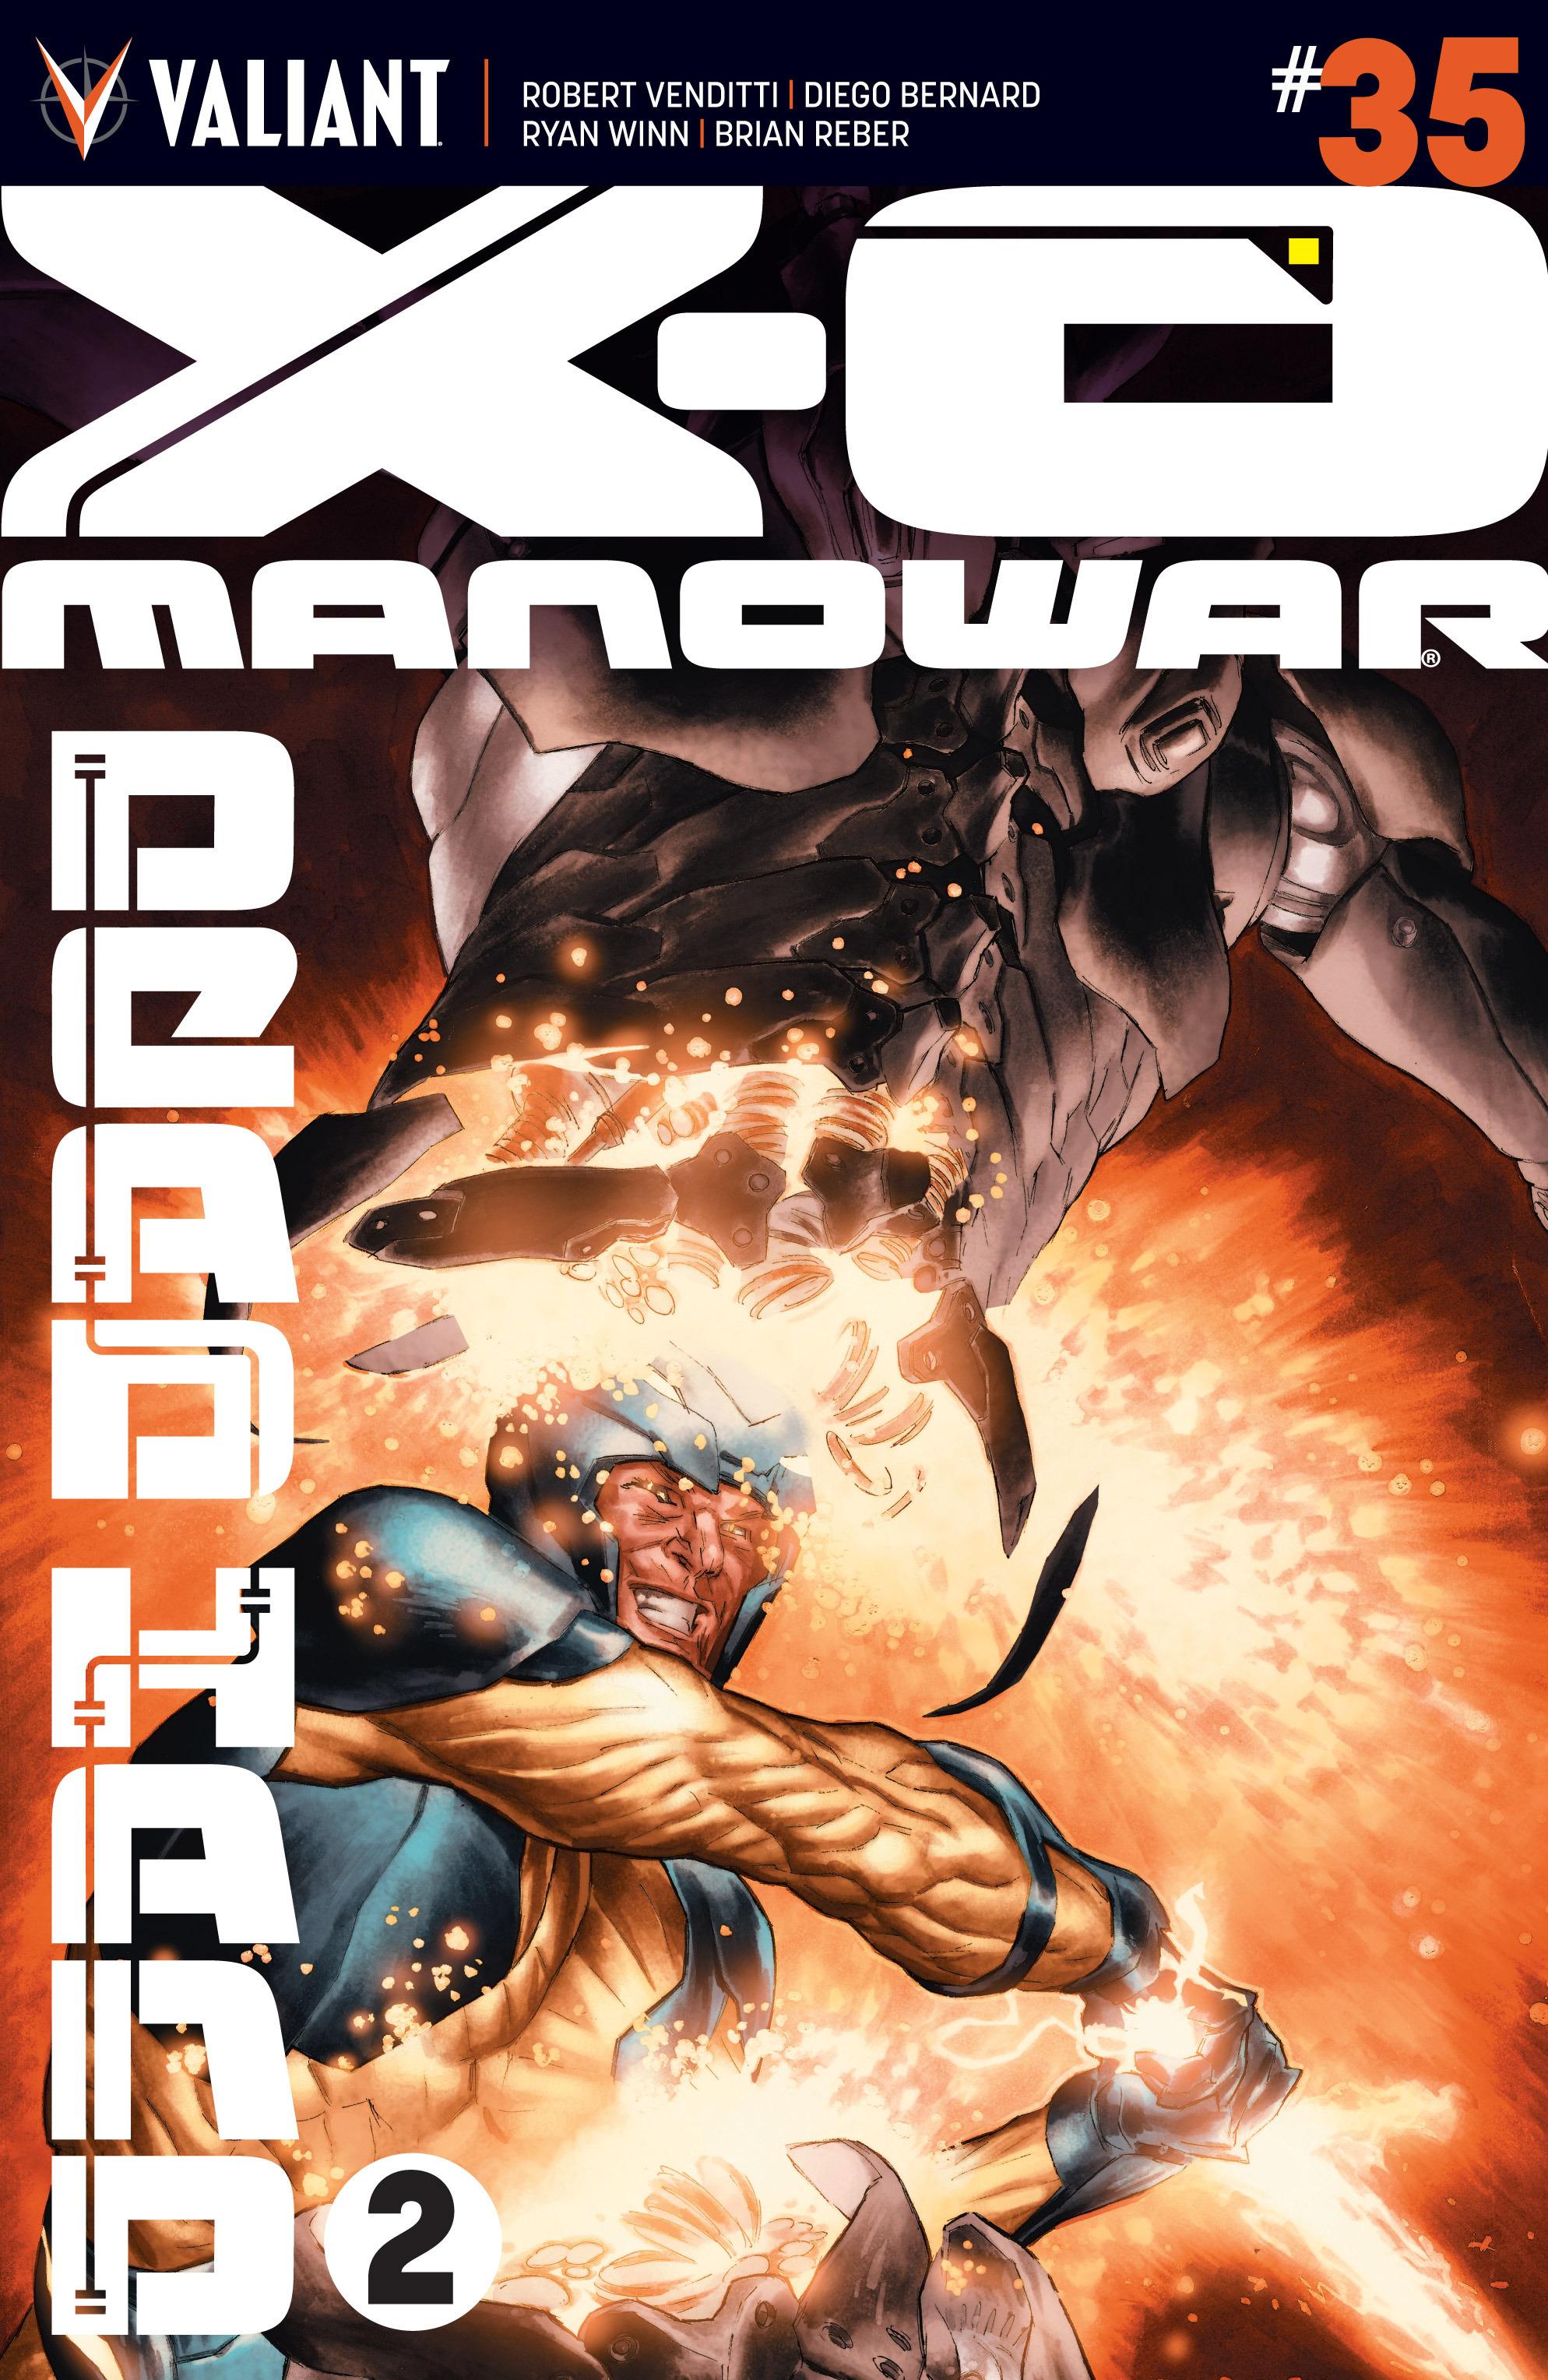 X-O Manowar (2012) 35 Page 1